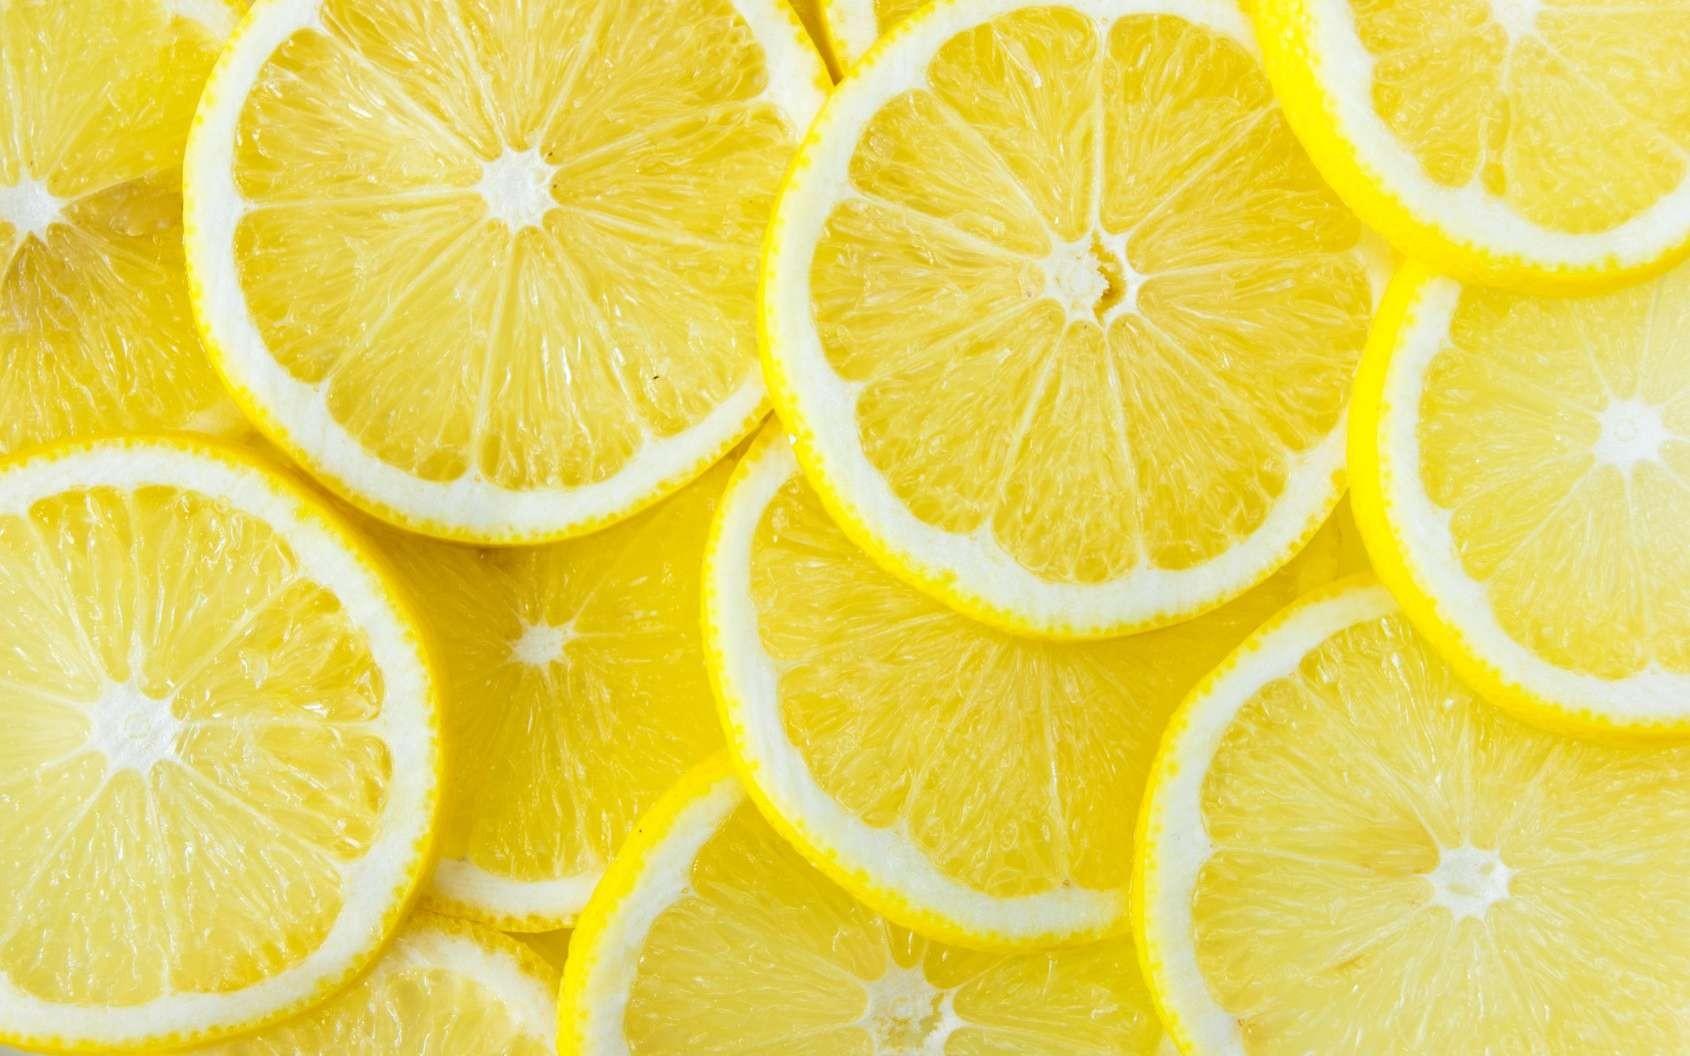 Il va falloir se presser le citron !